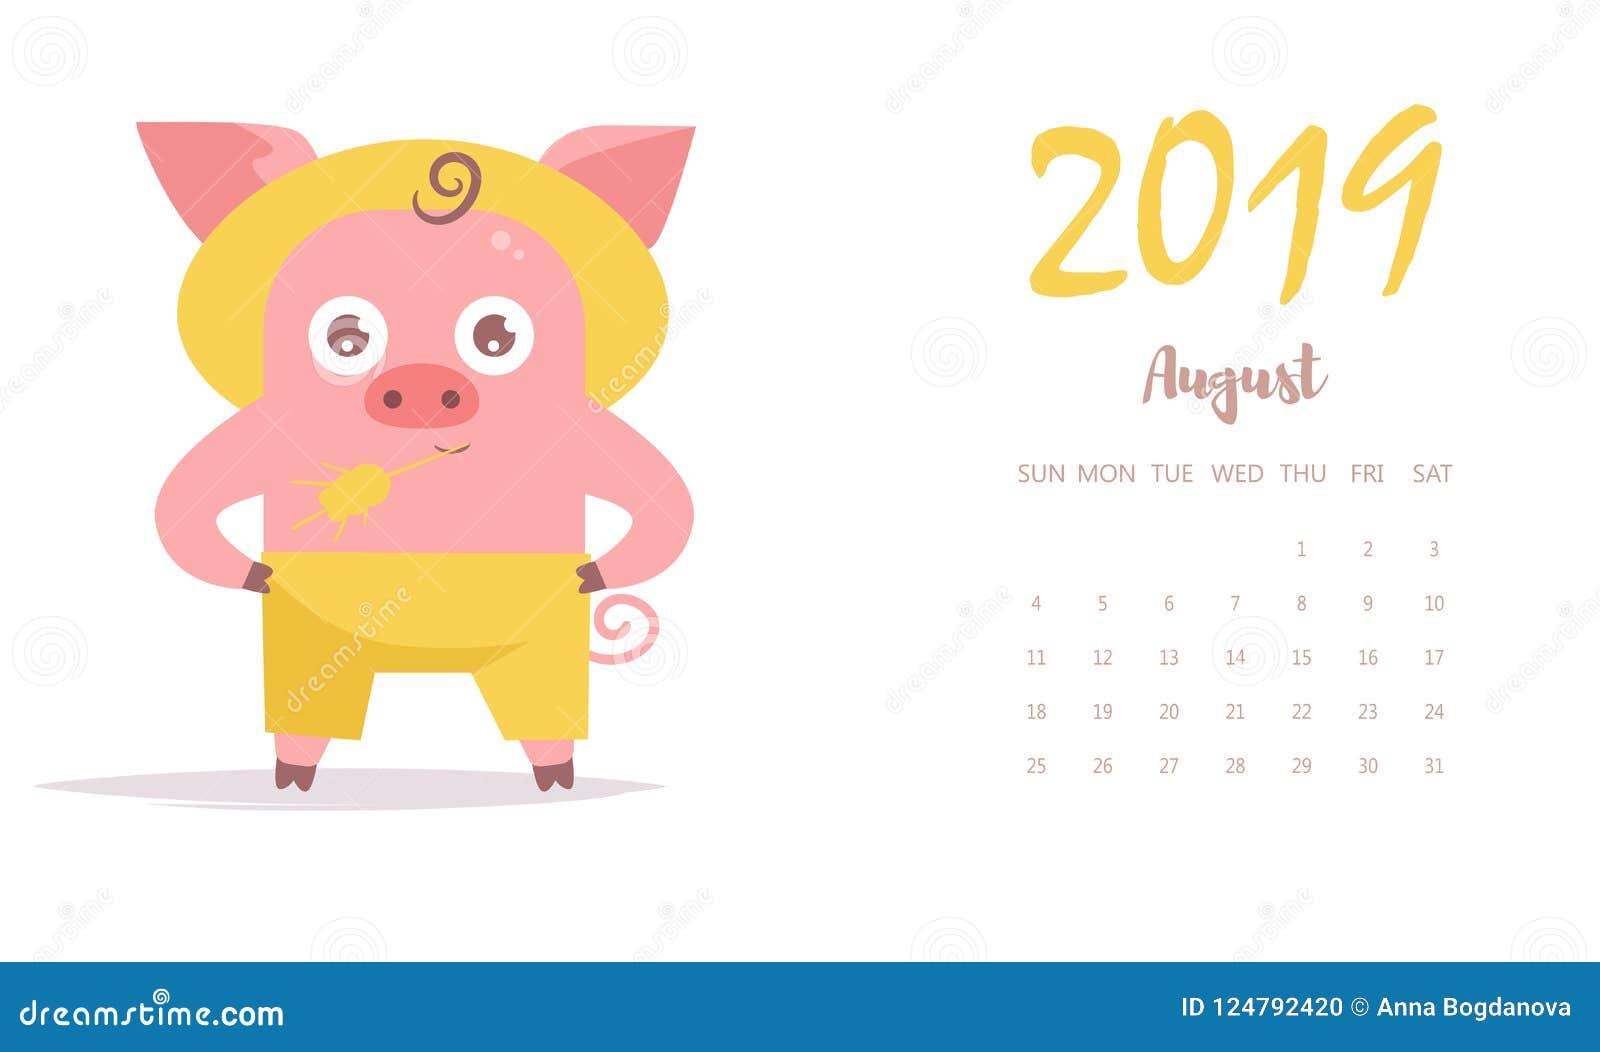 Svinbonde i hatt och med vektorn cartoon isolerat Augusti 2019 kalender plant